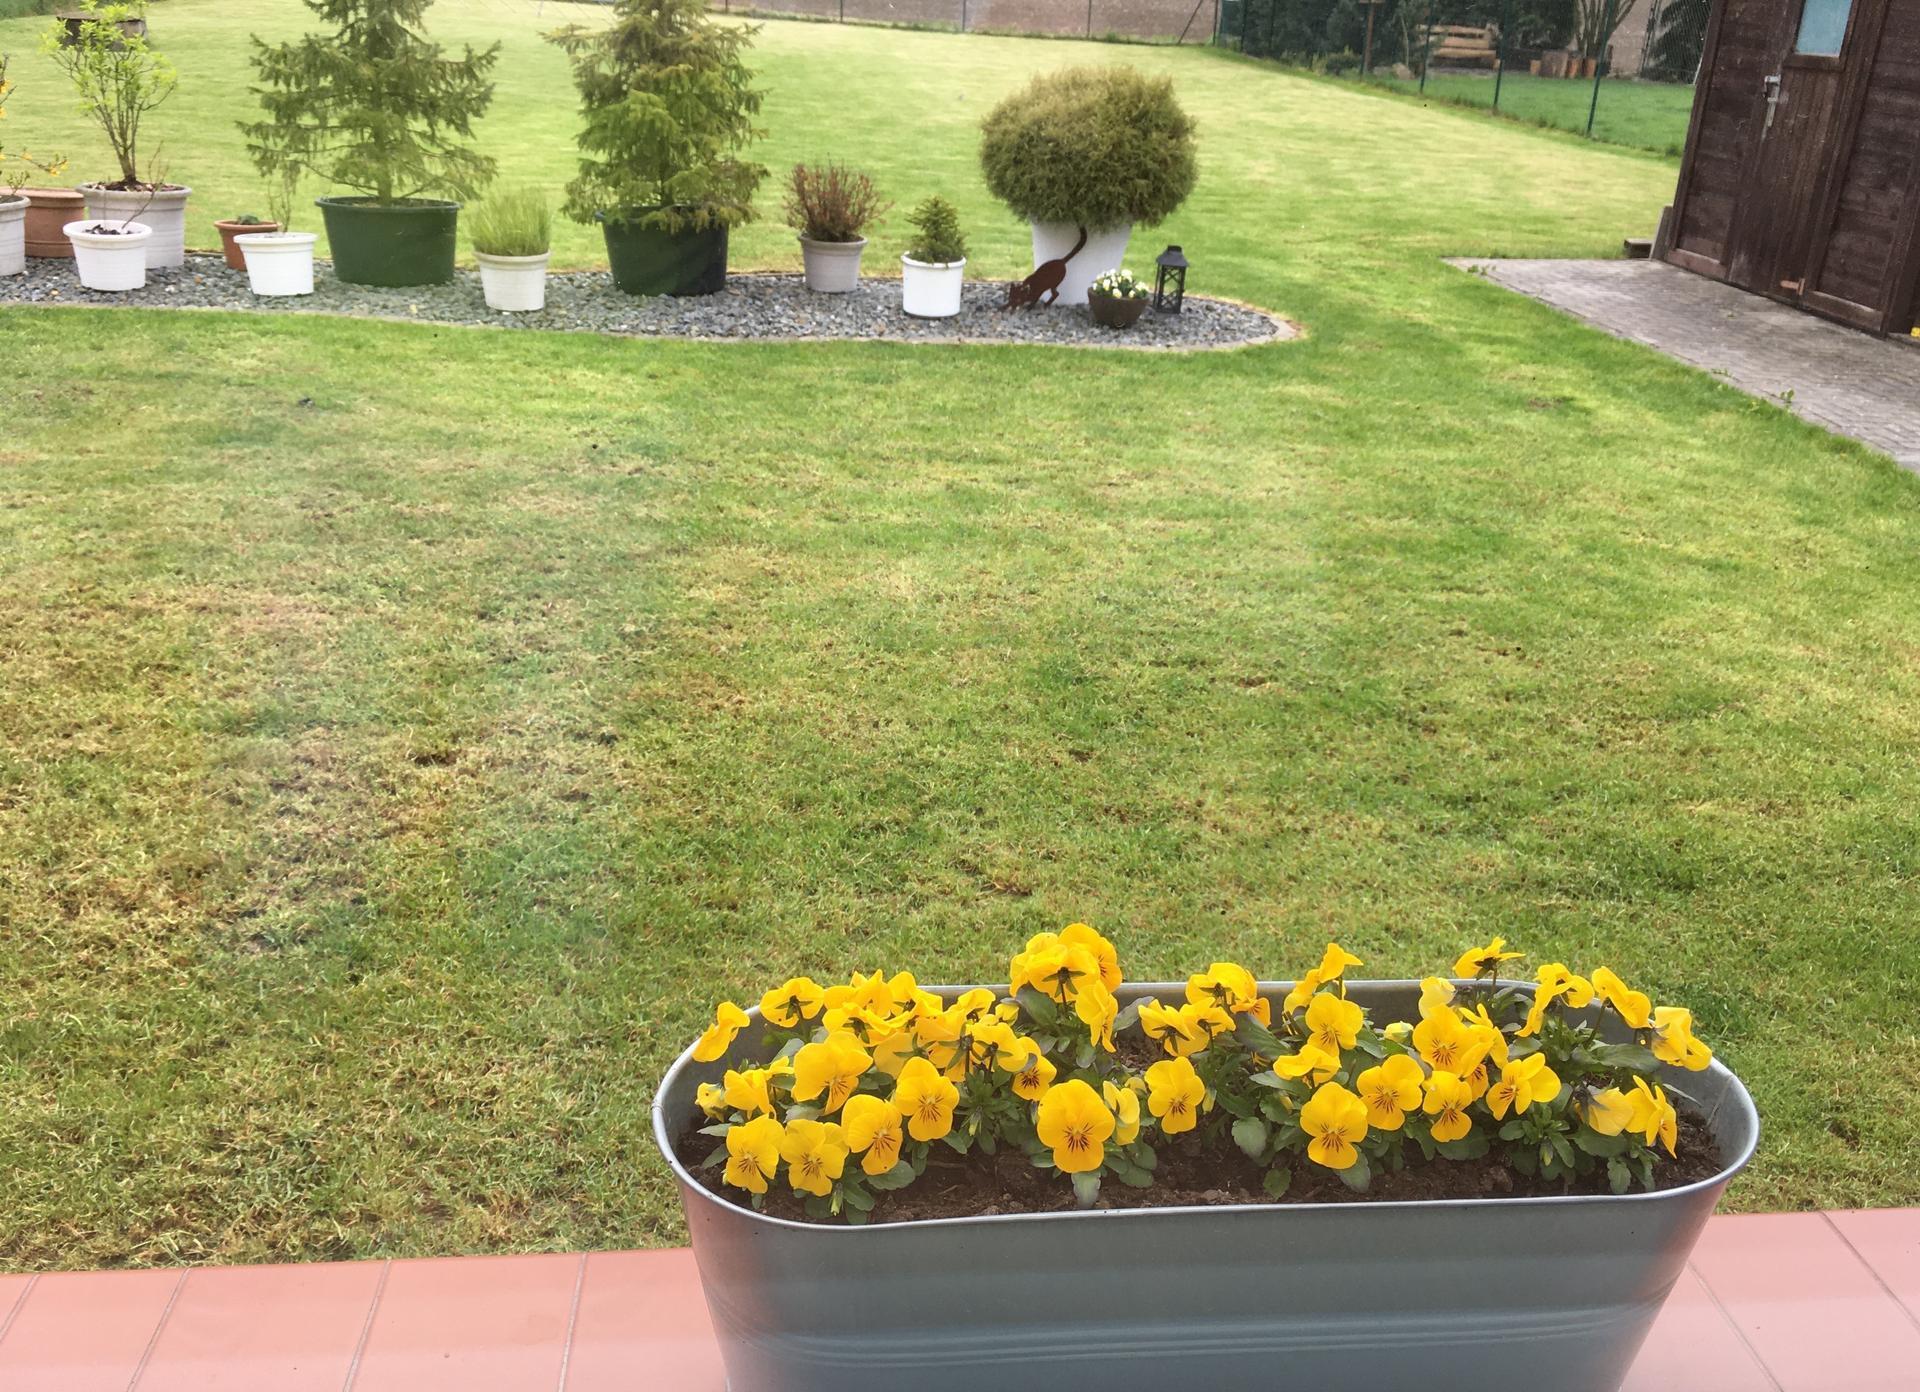 U nás 2021 - 1. květen - tráva zvertikutována, pohnojena a pěkně zalita deštěm.